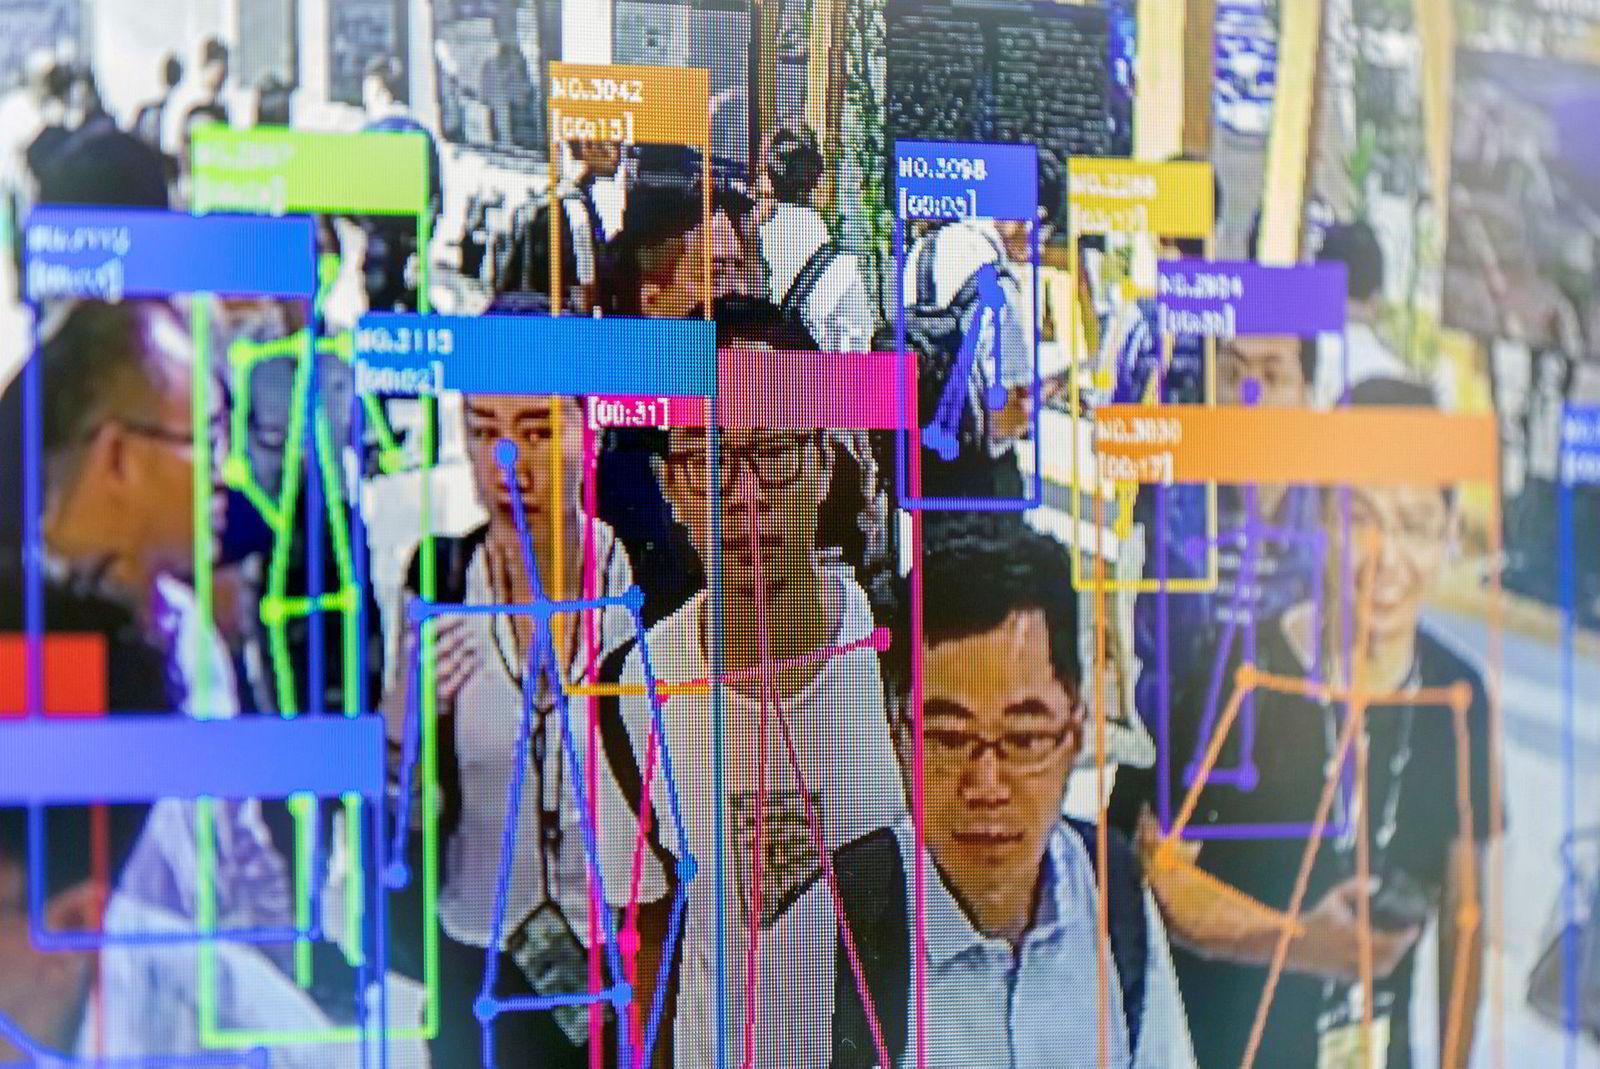 World Artificial Intelligence Conference (WAIC) ble arrangert i Shanghai i Kina i august 2019. Her demonstreres ansiktsgjenkjenningsteknologi på en stor skjerm.